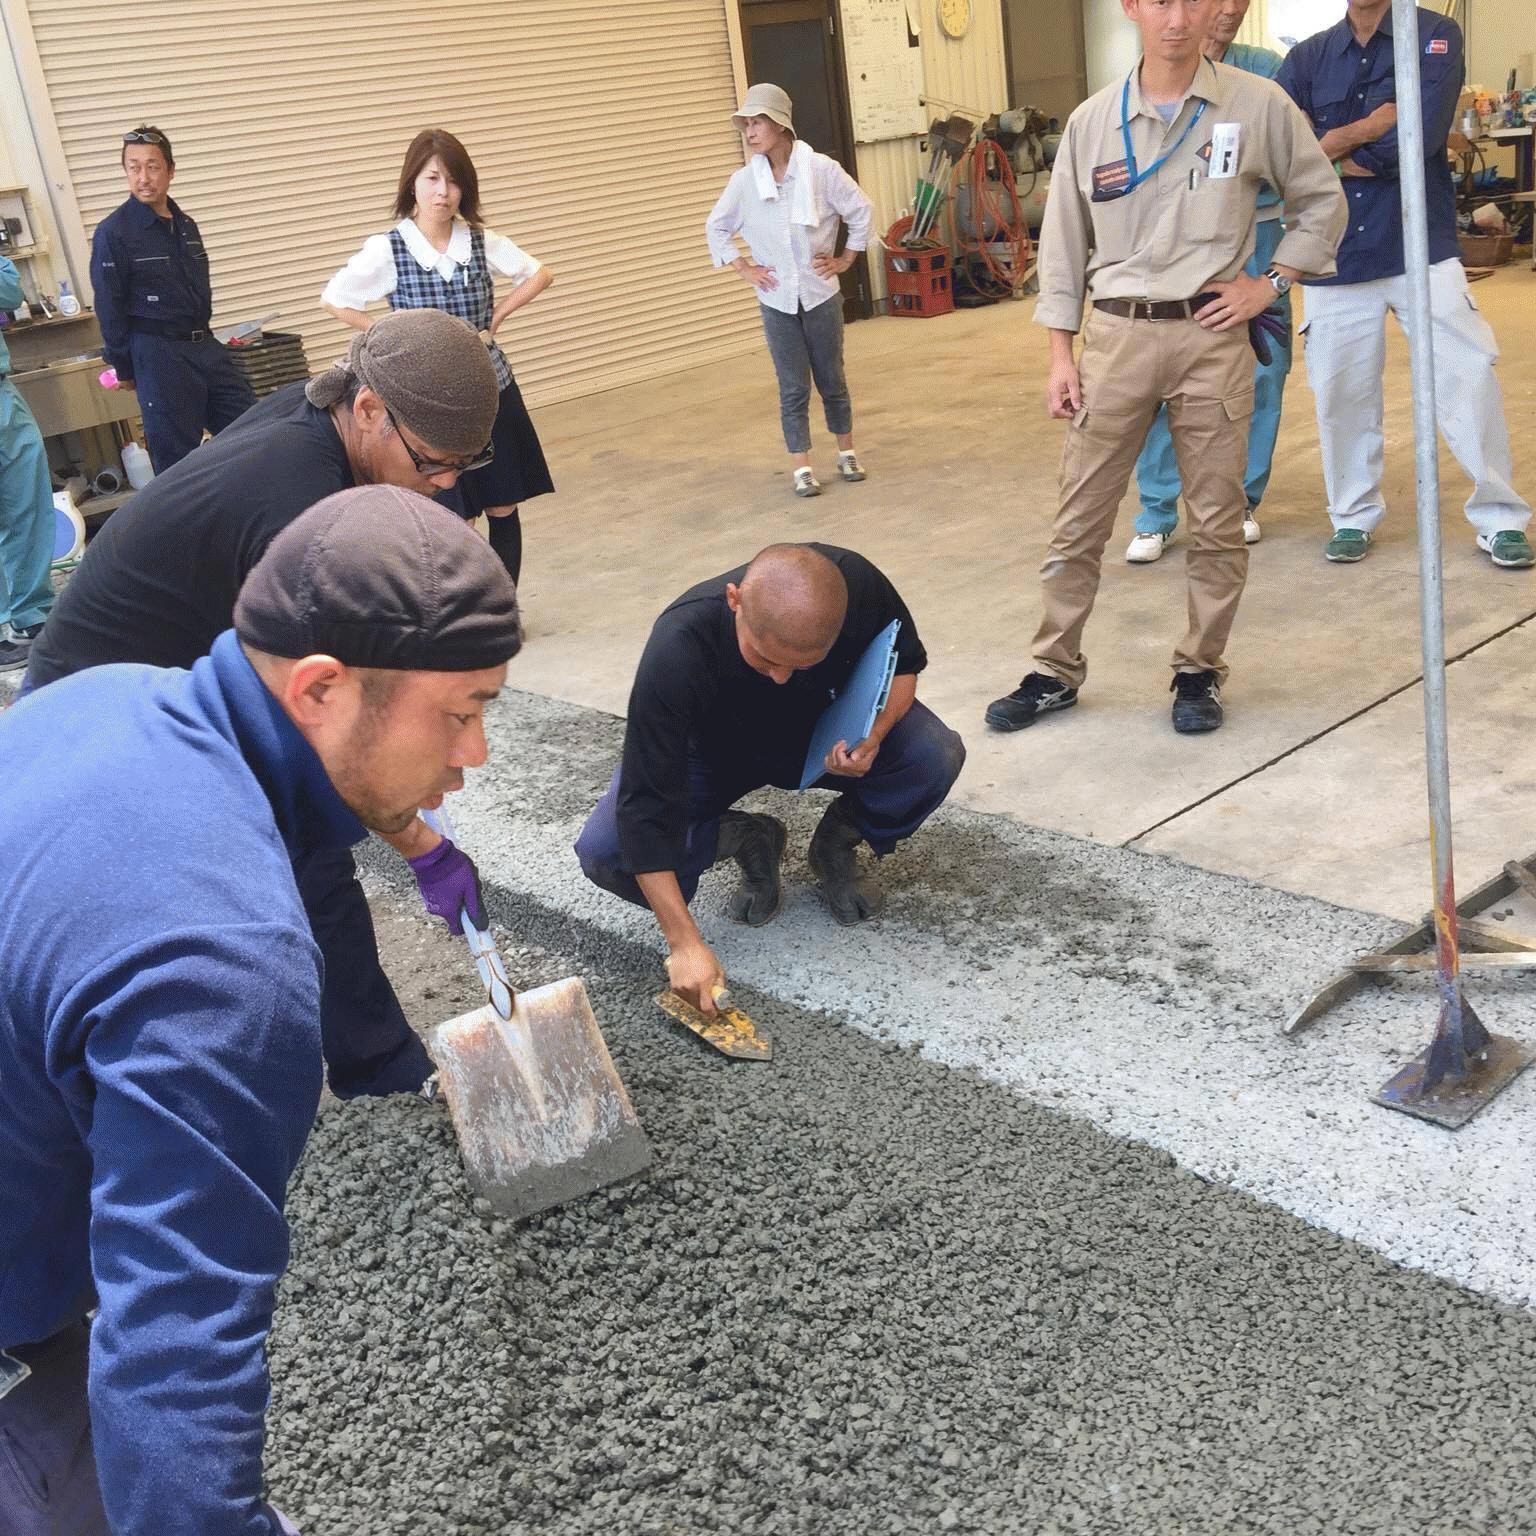 「小規模透水性コンクリート全国対応について」 道路・コンクリート舗装・透水・価格